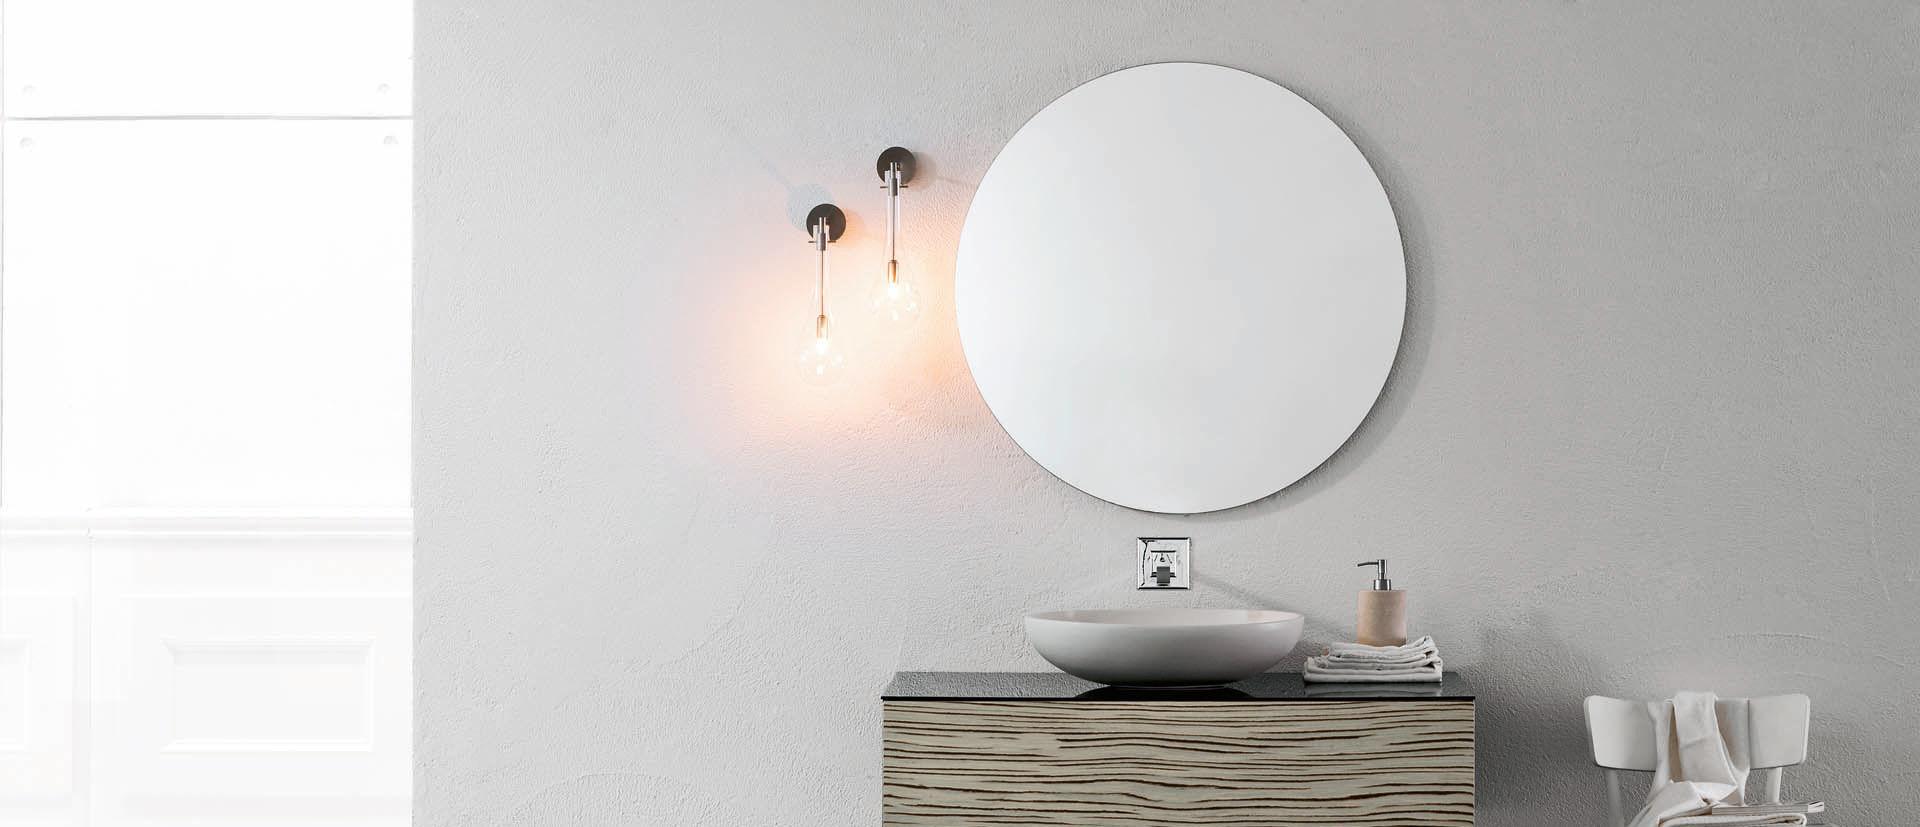 Moderne Wandleuchte Fur Badezimmer Glas Fur Spiegel Splash